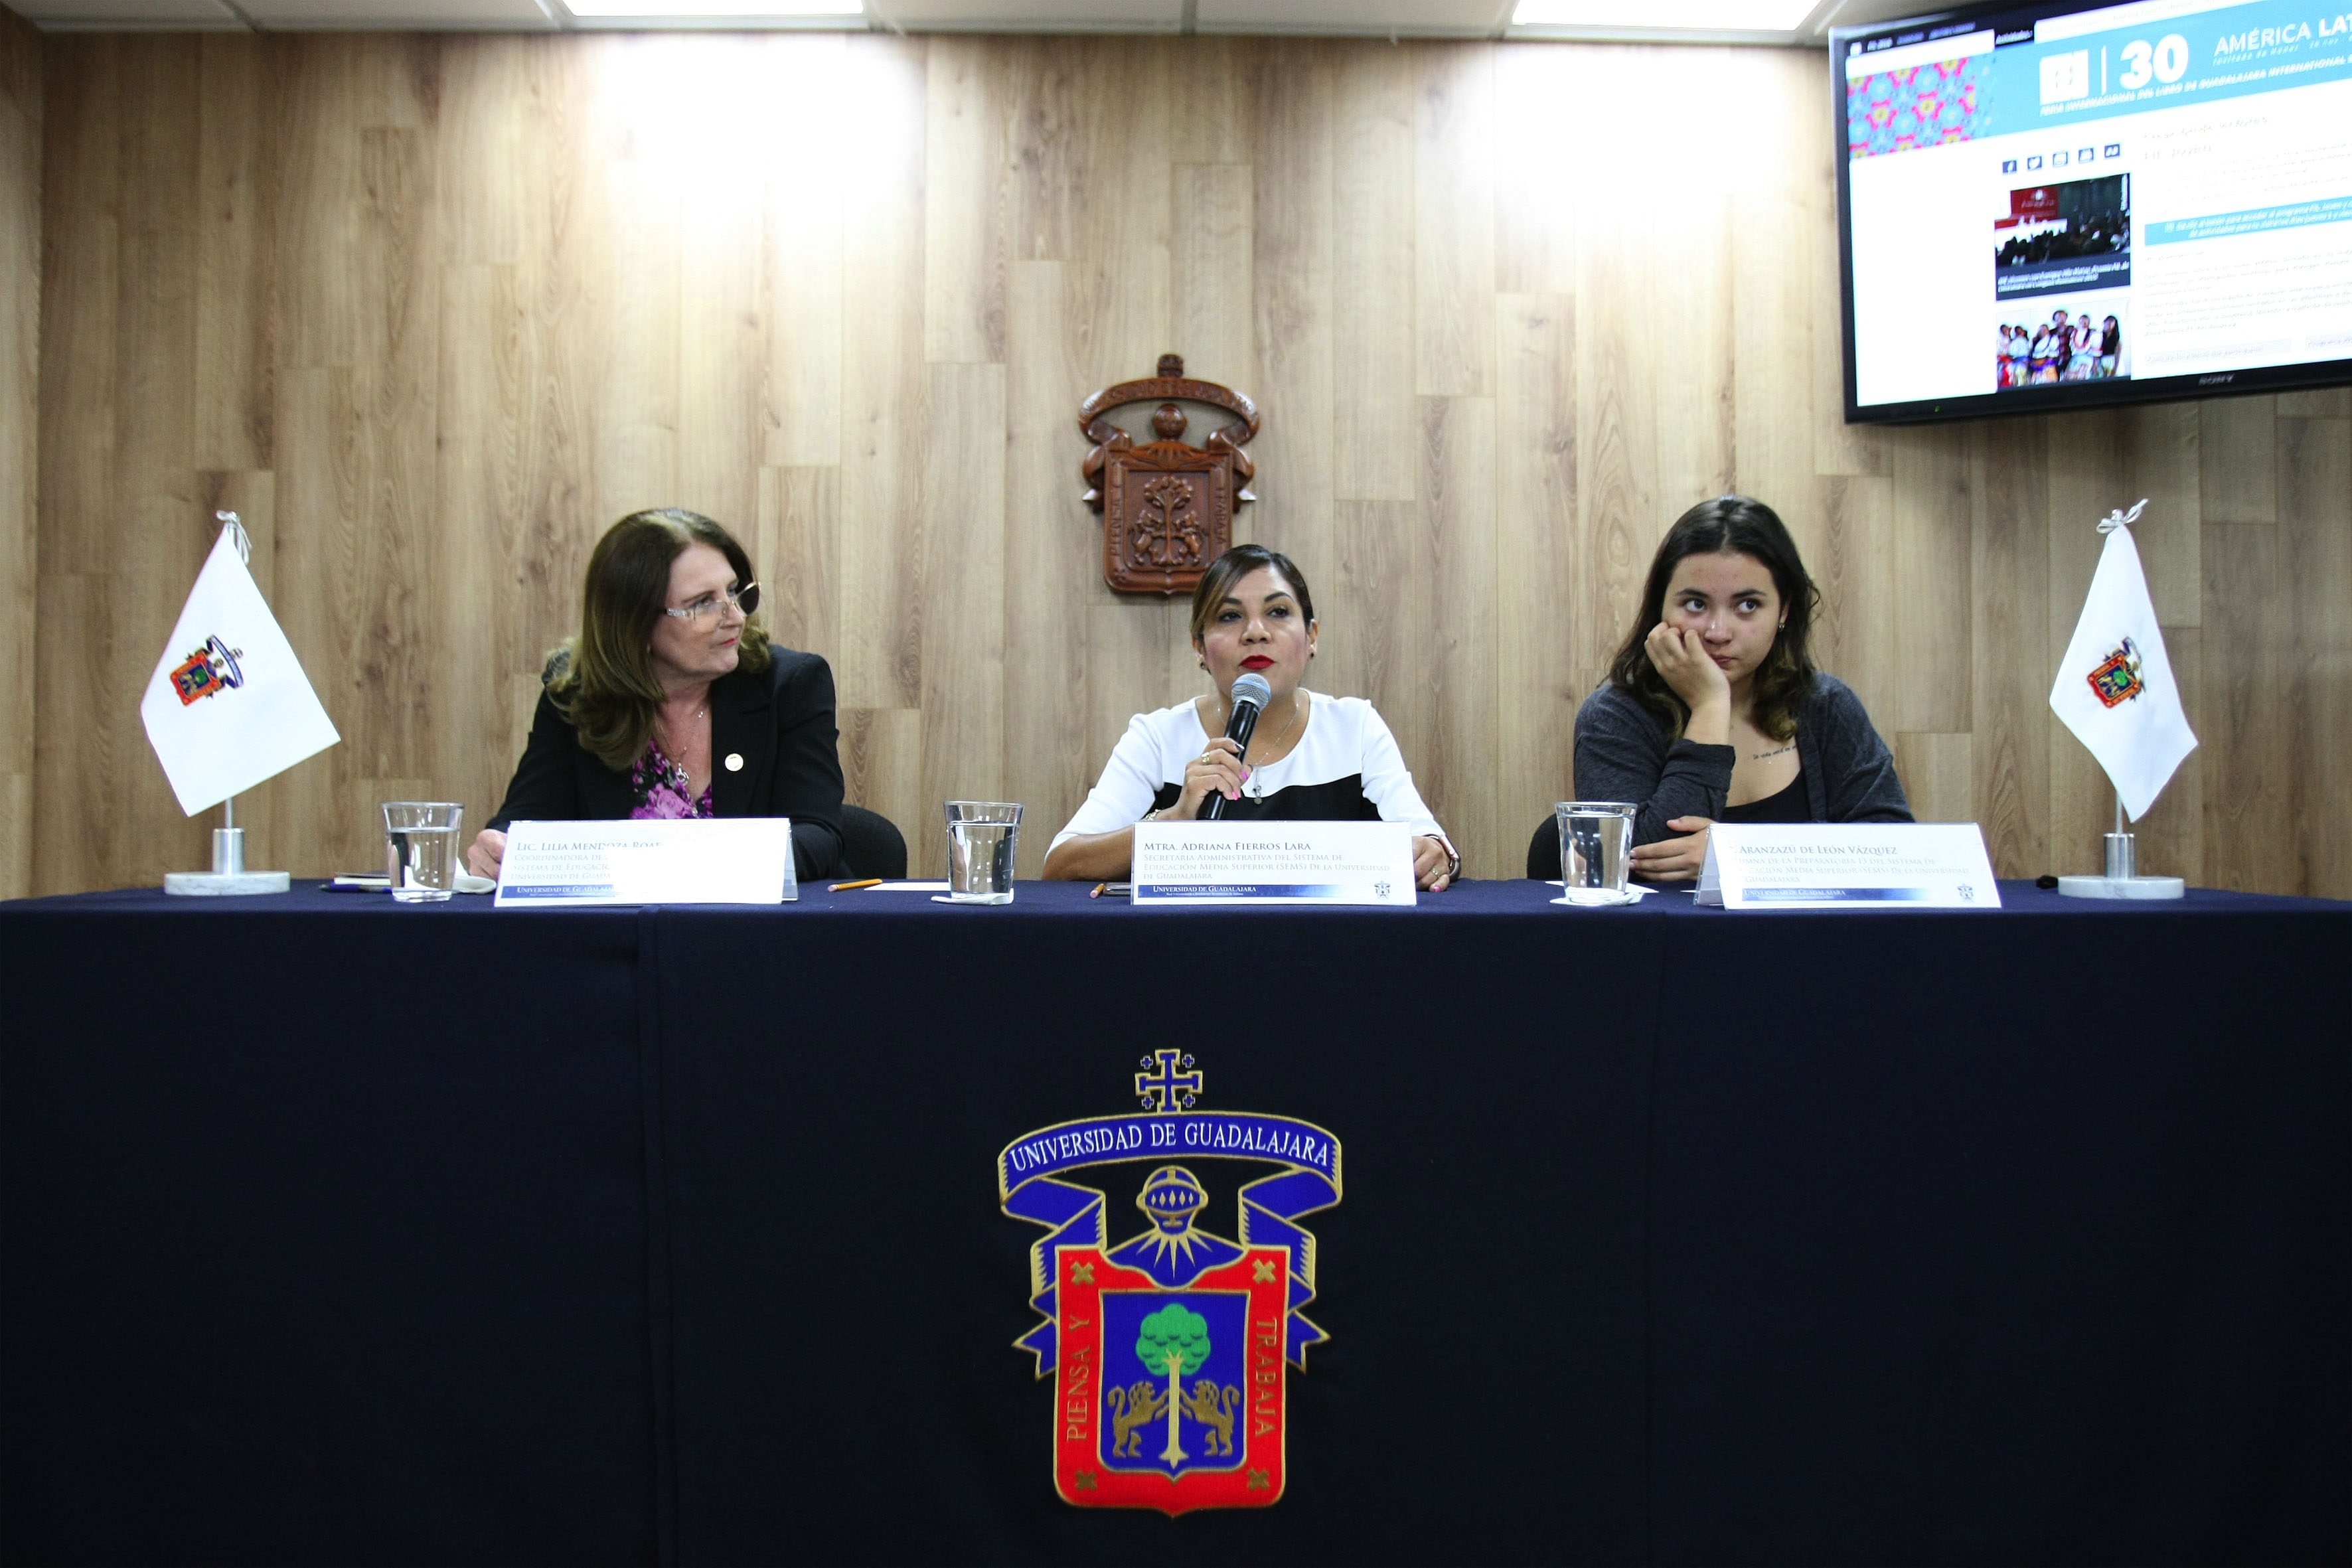 Mtra. Adriana Fierros Lara, secretaria administrativa del SEMS en rueda de prensa anunciando las principales actividades son: Ecos de la Fil, Creadores Literarios Fil Joven y Cartas a Antonio Ortuño, así como talleres para profesores y alumnos.